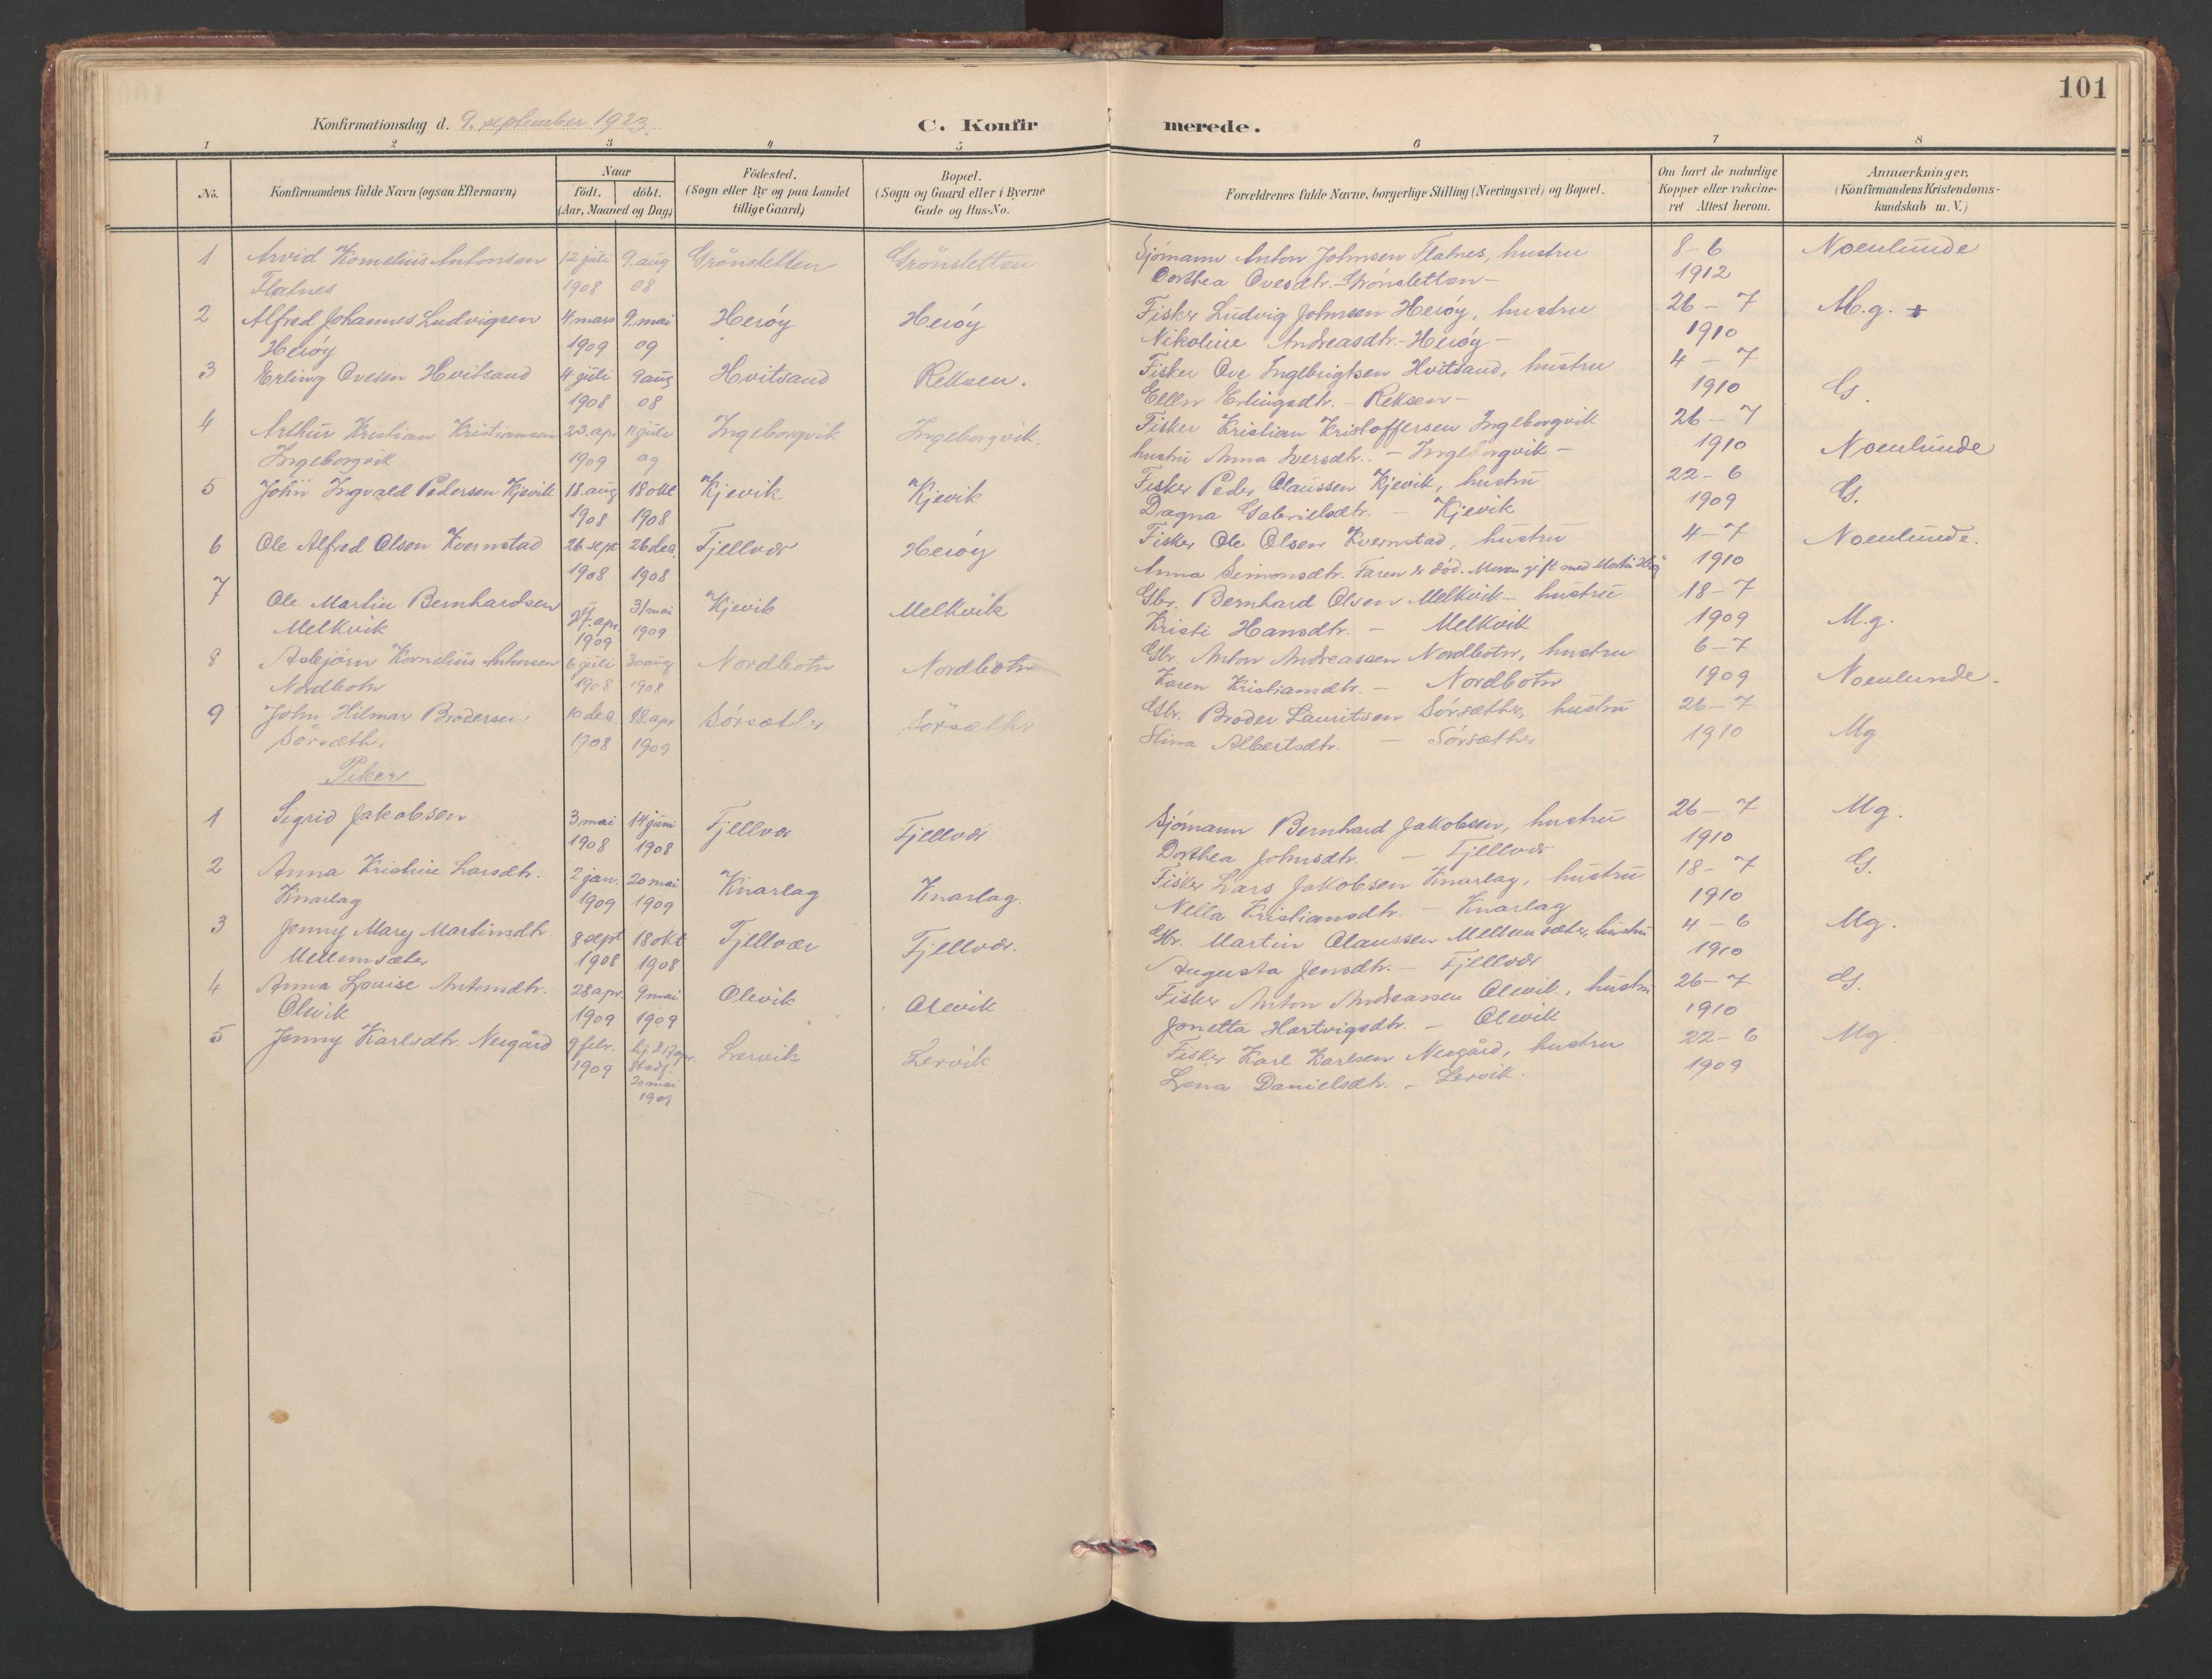 SAT, Ministerialprotokoller, klokkerbøker og fødselsregistre - Sør-Trøndelag, 638/L0571: Klokkerbok nr. 638C03, 1901-1930, s. 101